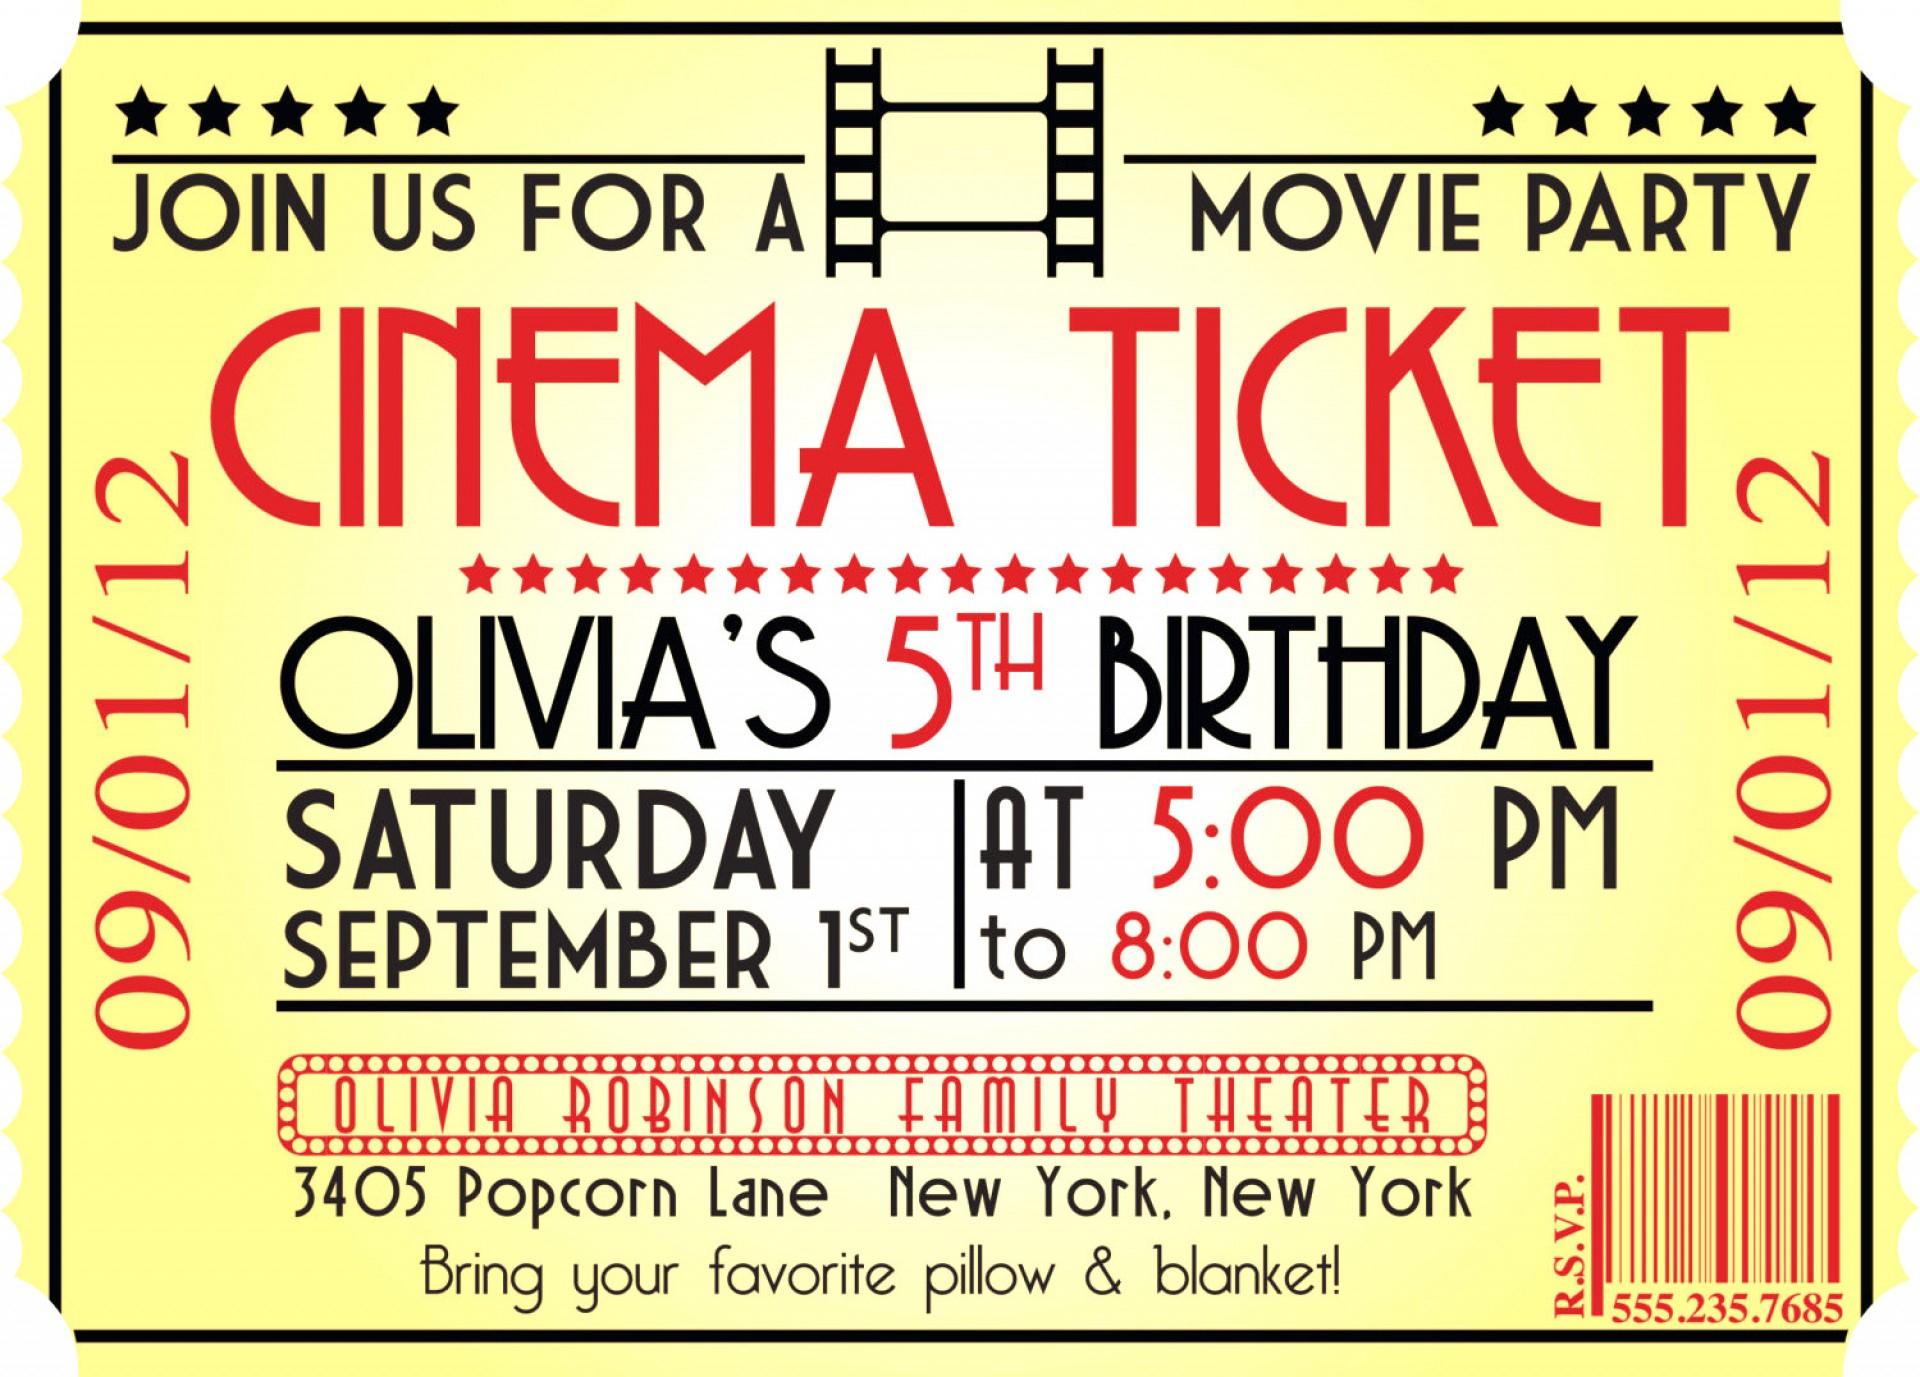 Impressive Movie Ticket Invitation Template ~ Ulyssesroom - Free Printable Movie Ticket Birthday Party Invitations